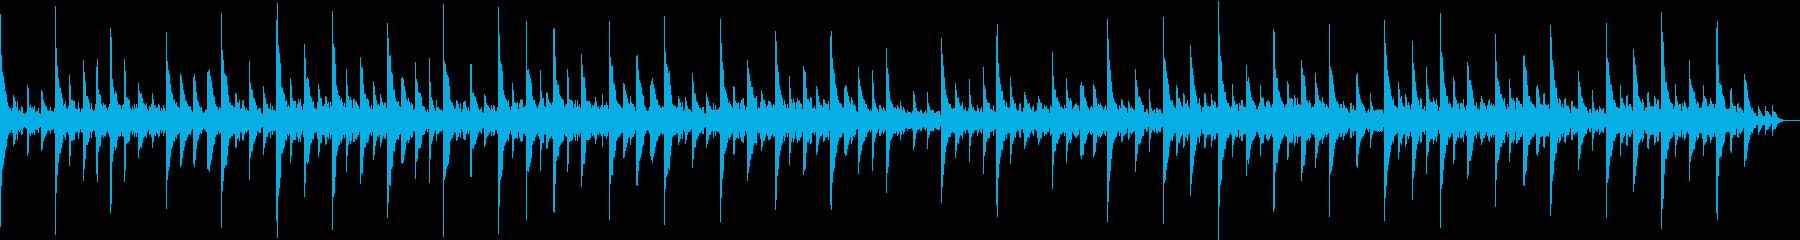 可愛らしい音色の寝かしつけ音楽の再生済みの波形